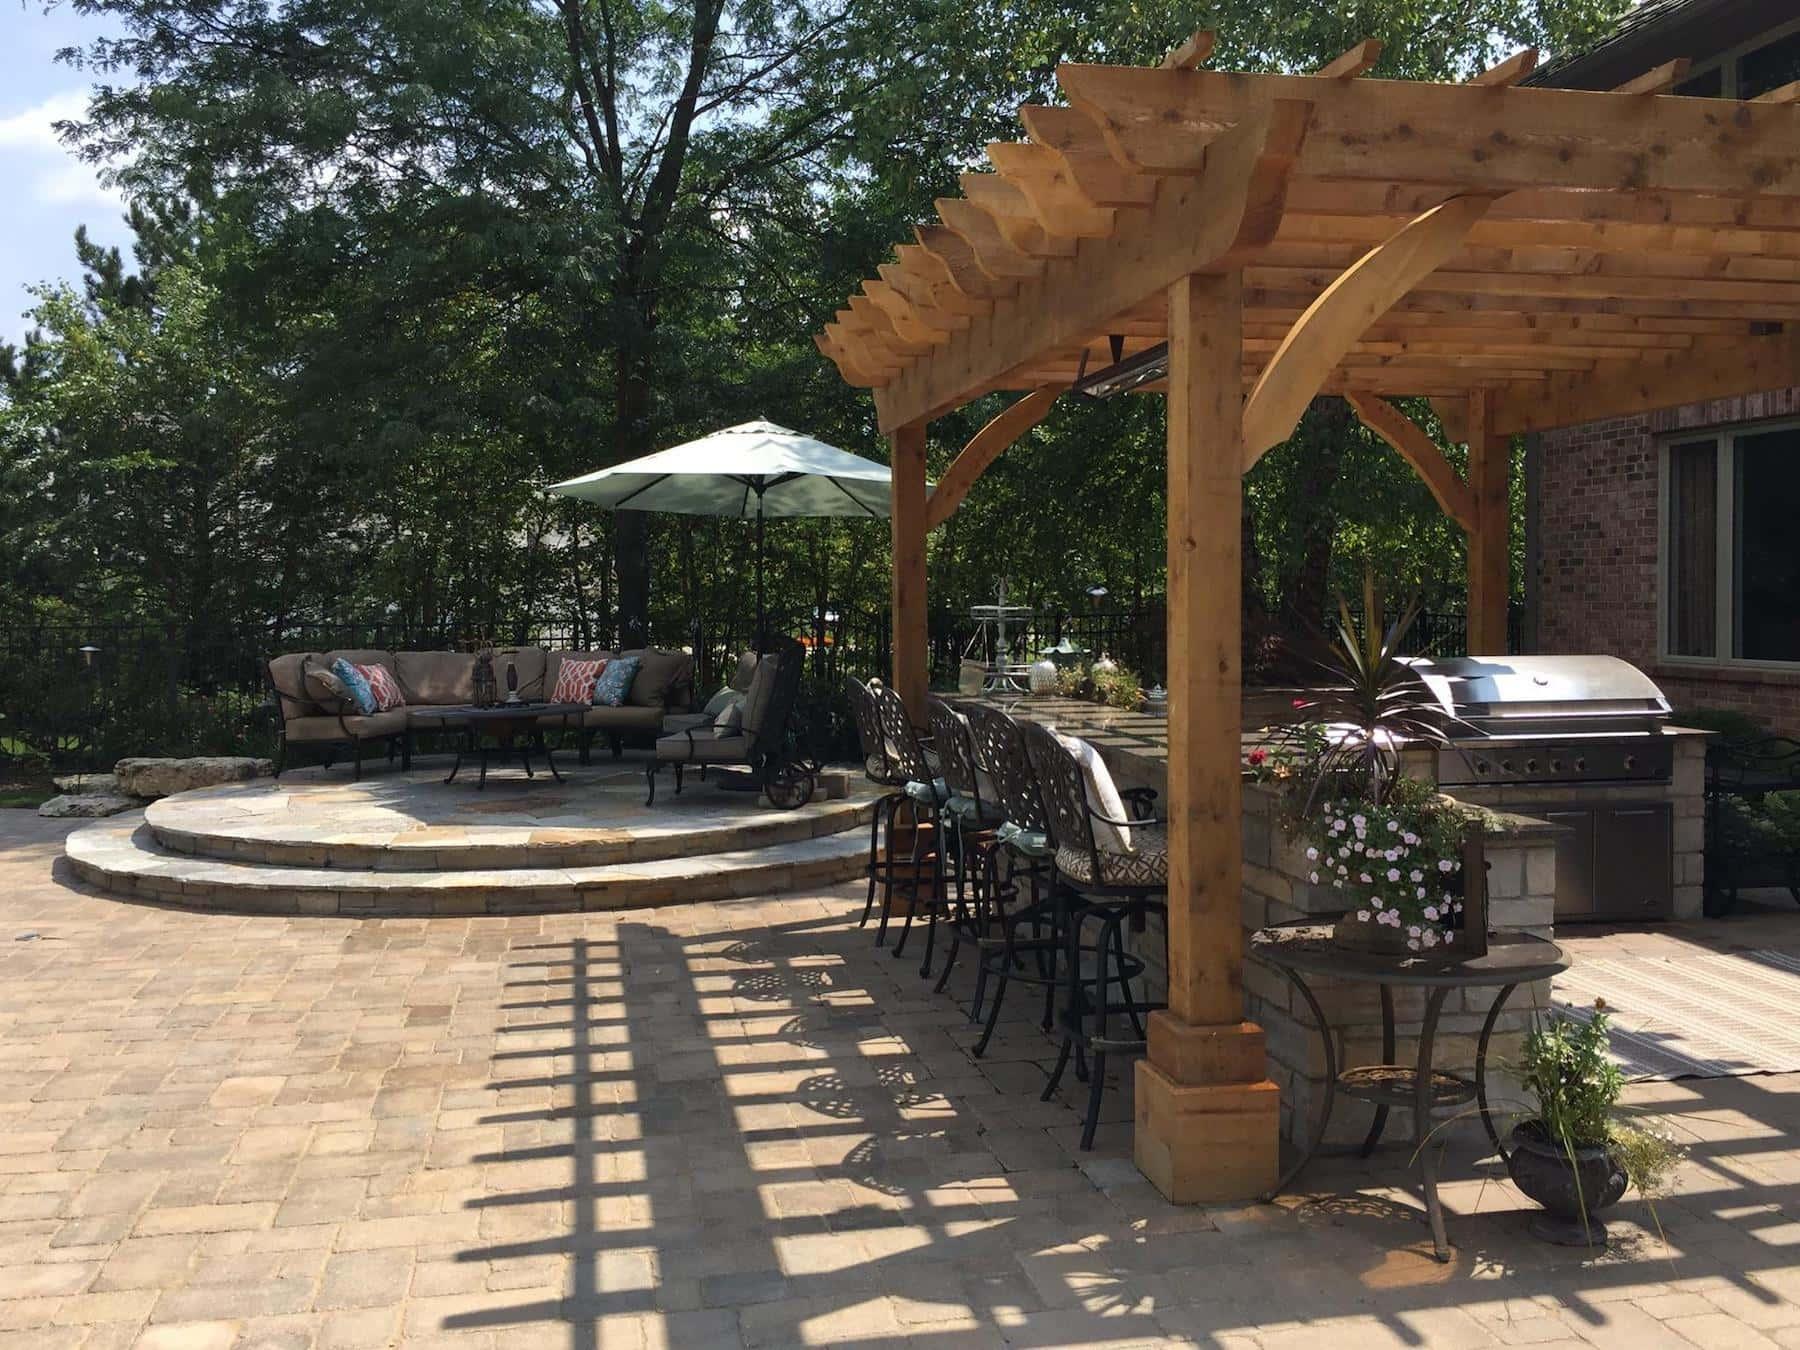 Pergola Paver Patio Kitchen Green Oaks IL